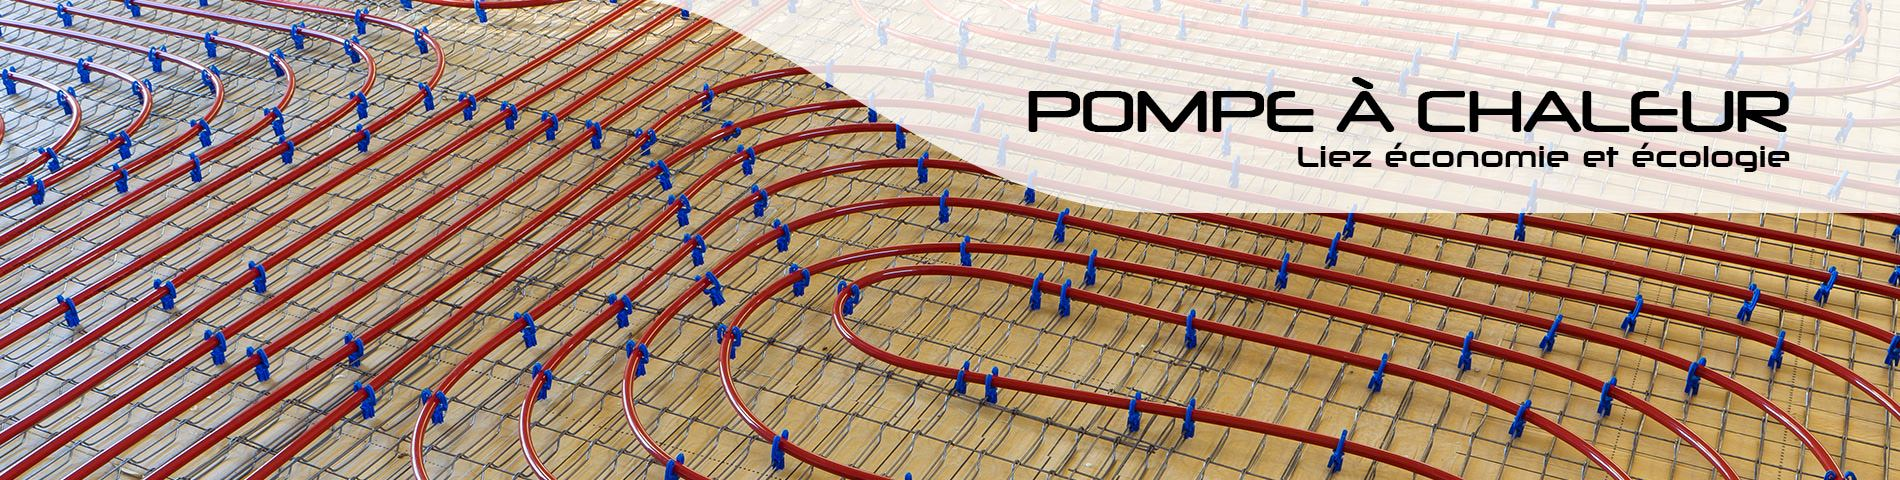 01slide-pompe0-2